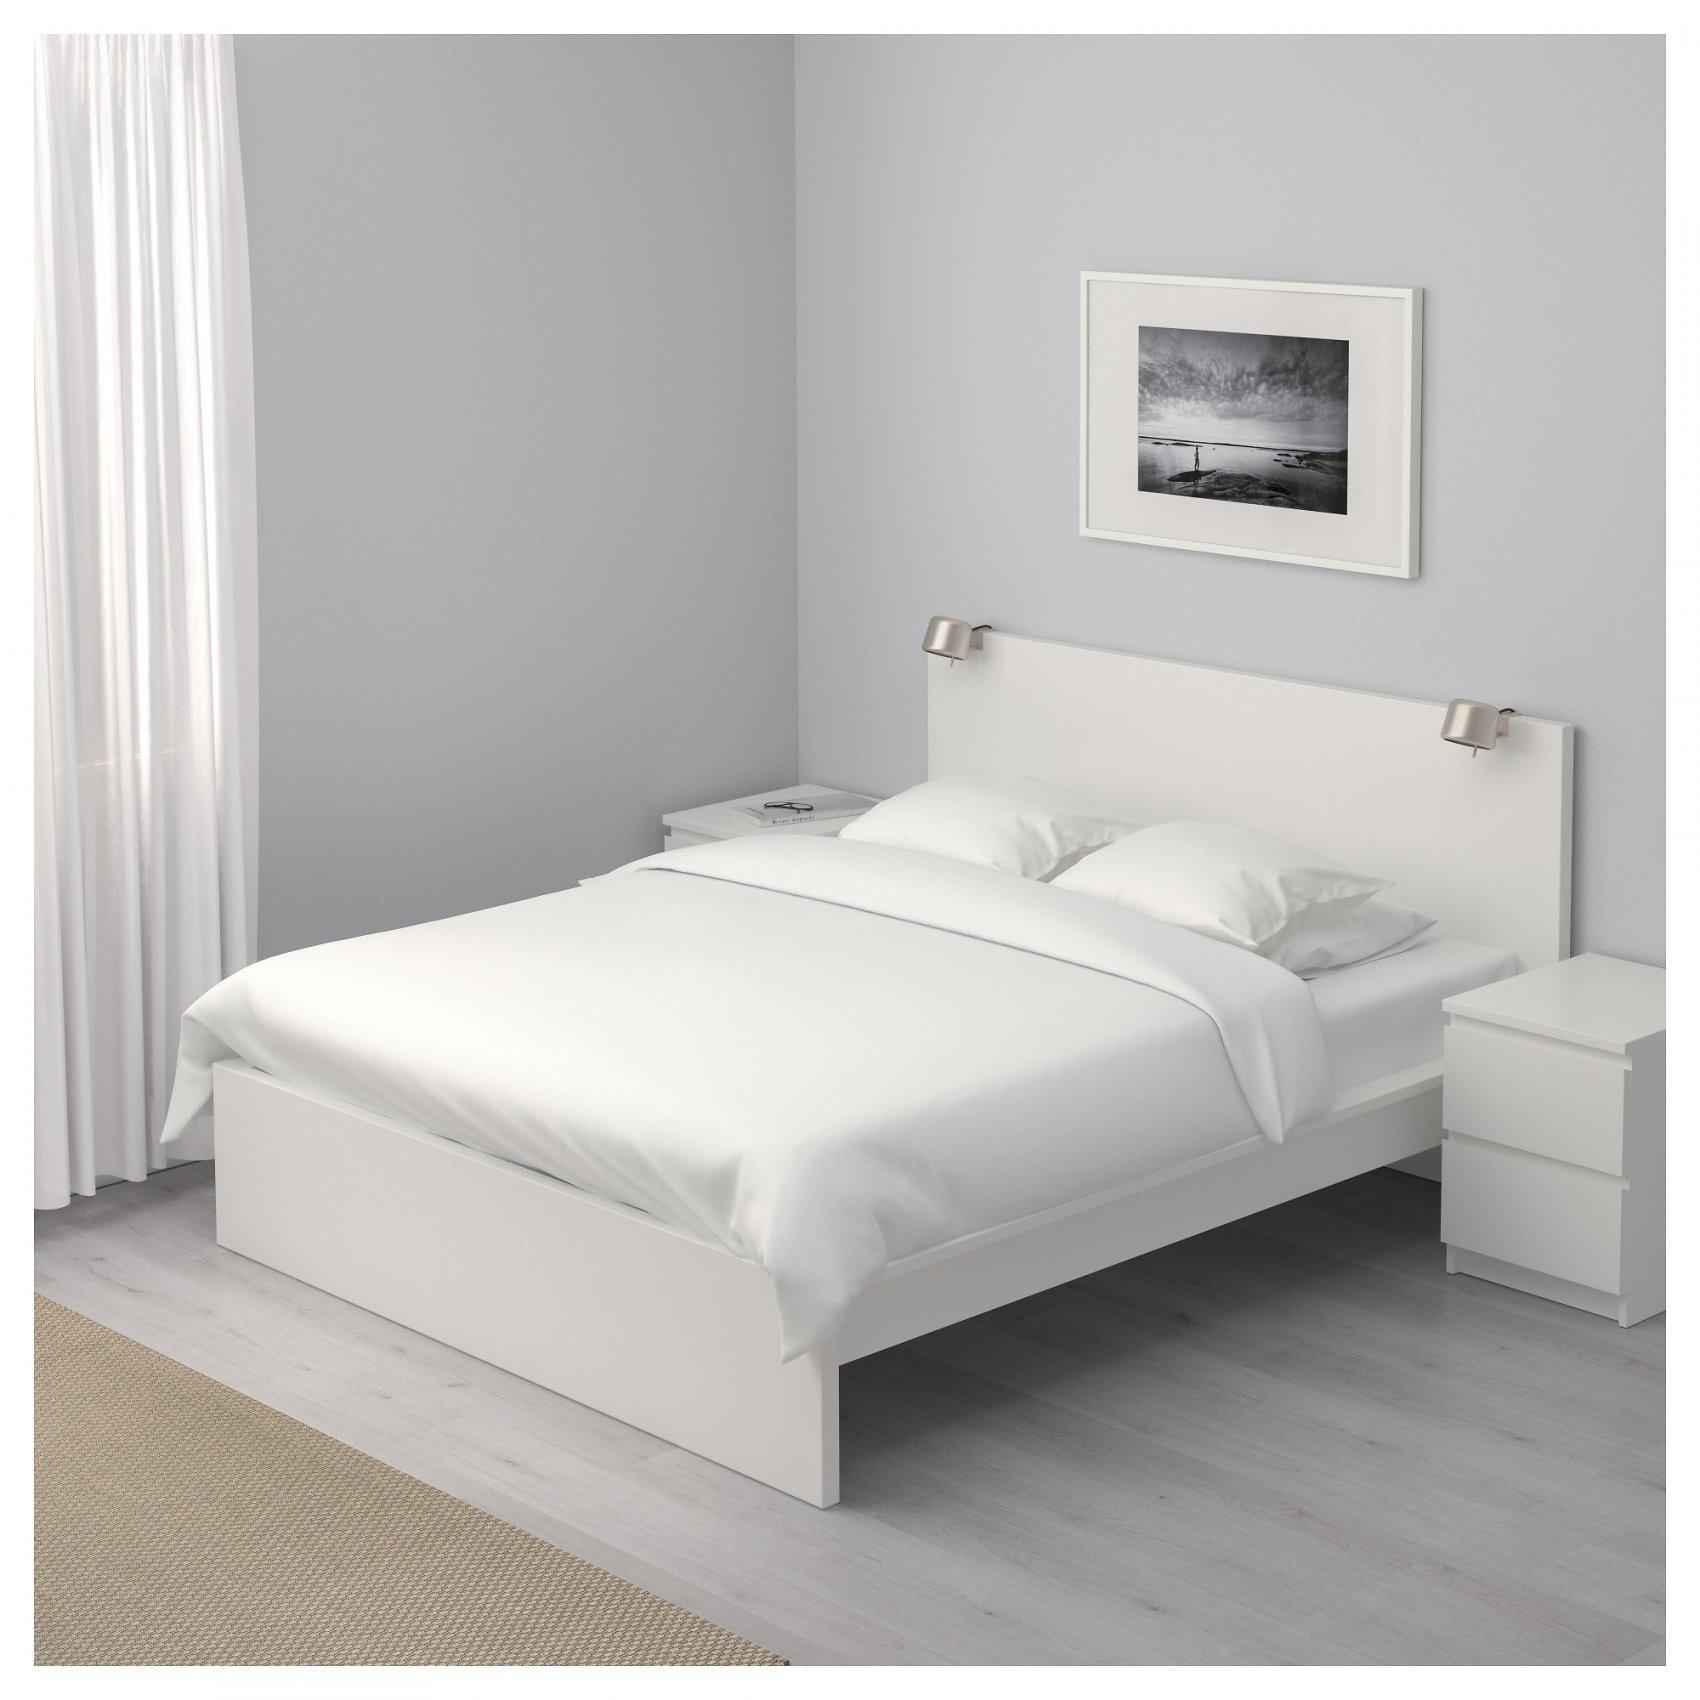 Malm Bettgestell Hoch  140X200 Cm  Weiß  Ikea von Ikea Bett 140X200 Holz Weiß Bild